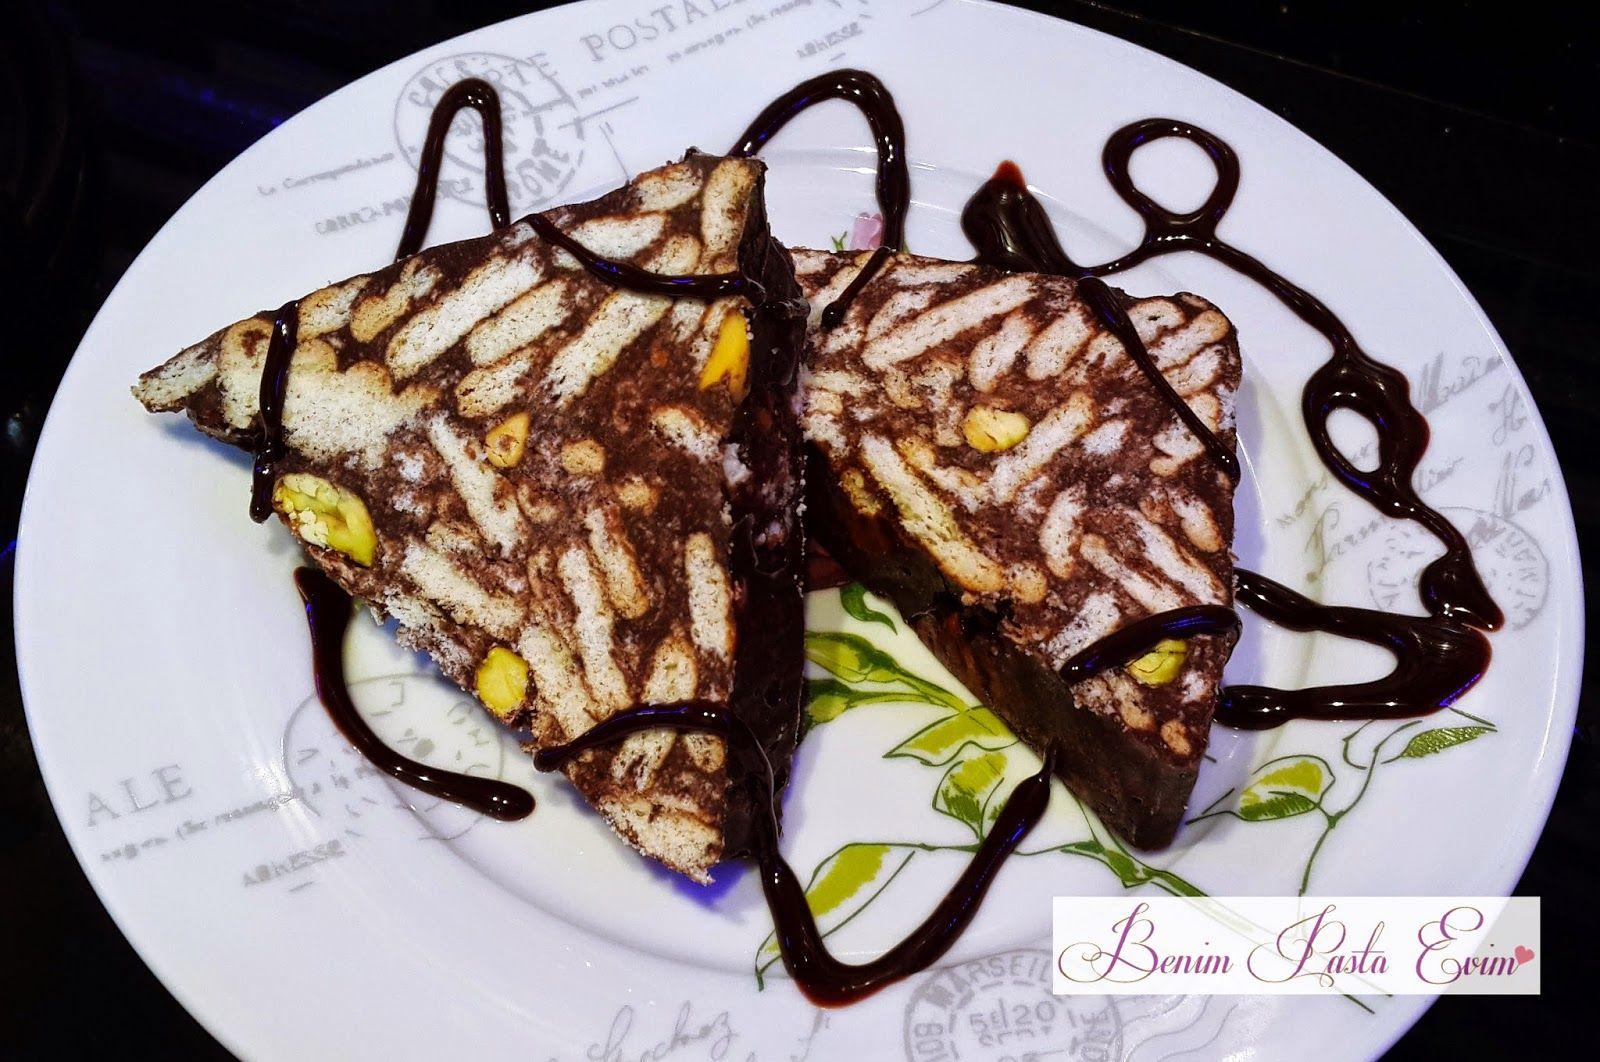 http://benimpastaevim.blogspot.com.tr/2014/09/cikolatali-fistikli-mozaik-pasta.html